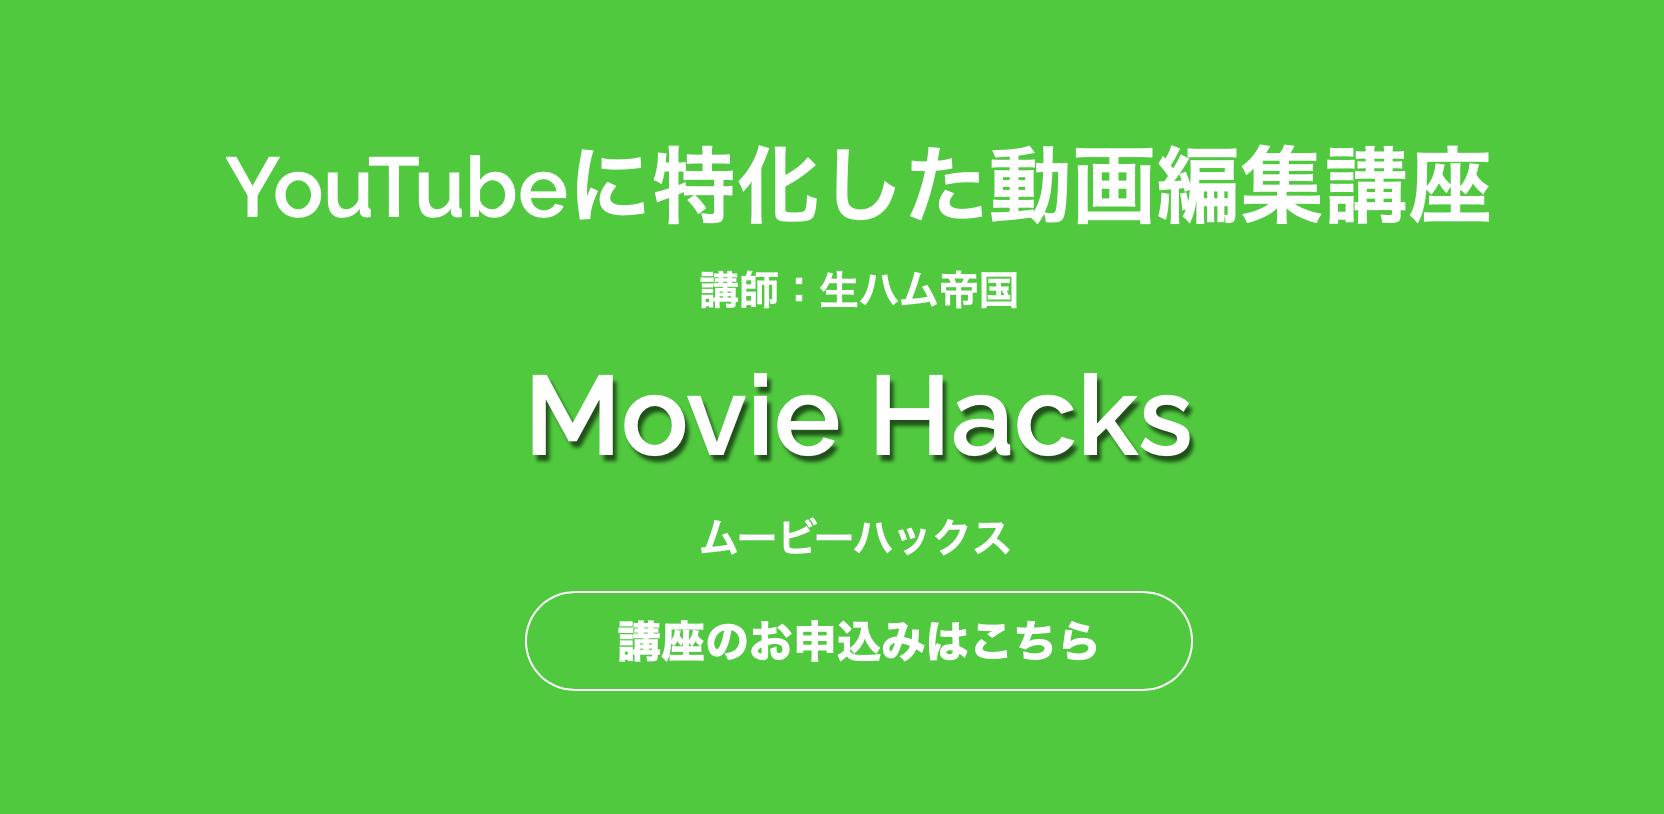 オンライン完結で学べる動画編集・映像制作スクール5選